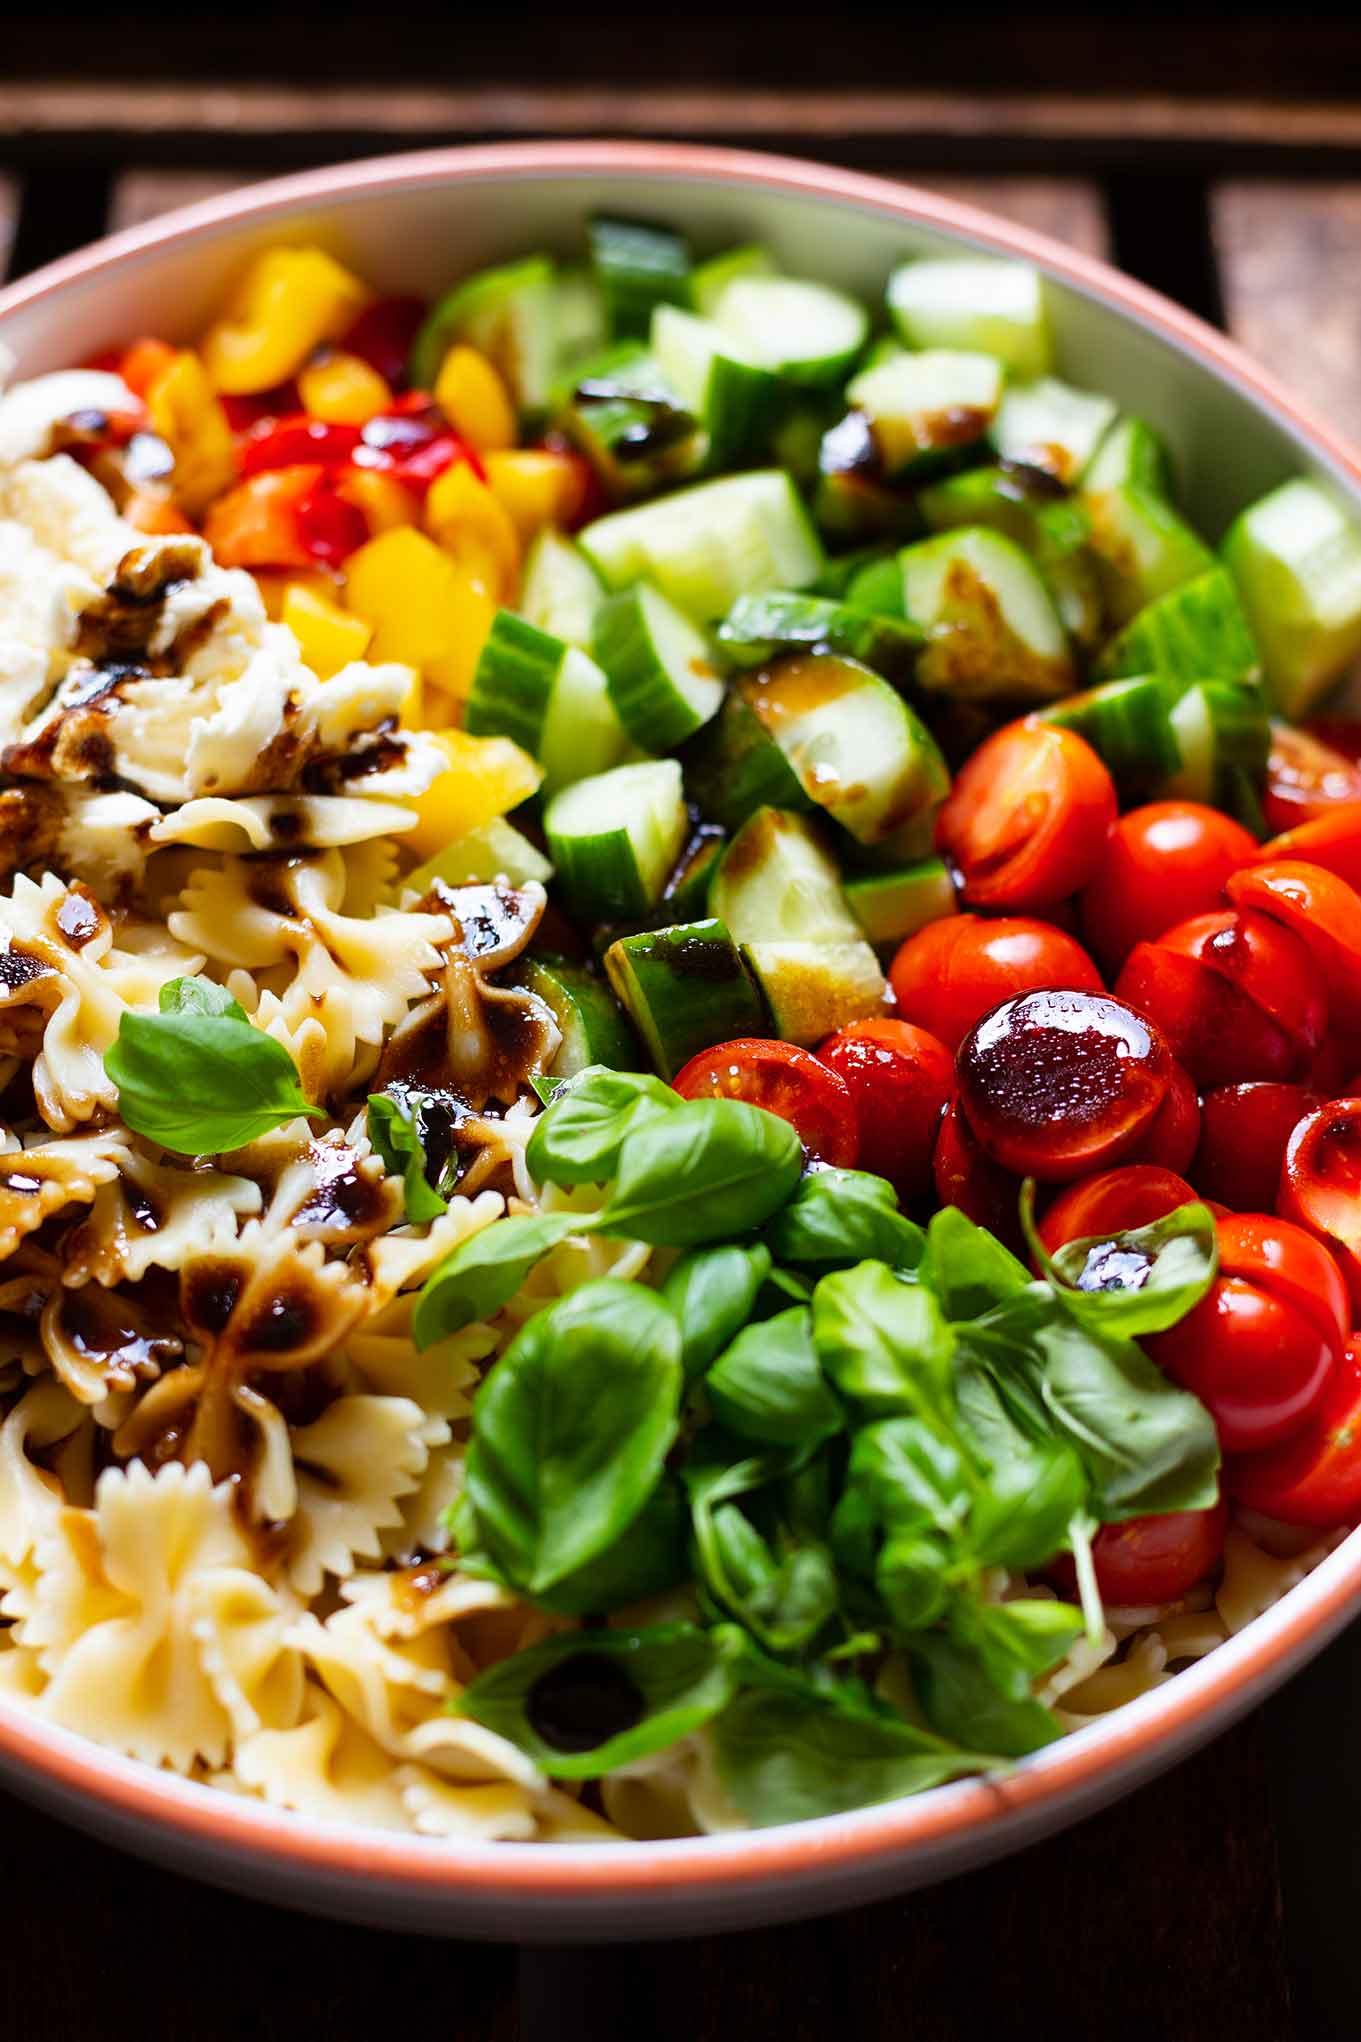 BunteR Nudelsalat mit Balsamico-Dressing. Unser liebstes Nudelsalat Rezept ist Meal Prep-geeignet, die perfekte Grillbeilage oder für ein Picknick. Dazu ist er in 30 Minuten vorbereitet, schnell, einfach und super lecker. Kochkarussell - dein Foodblog für schnelle und einfache Feierabend Rezepte.